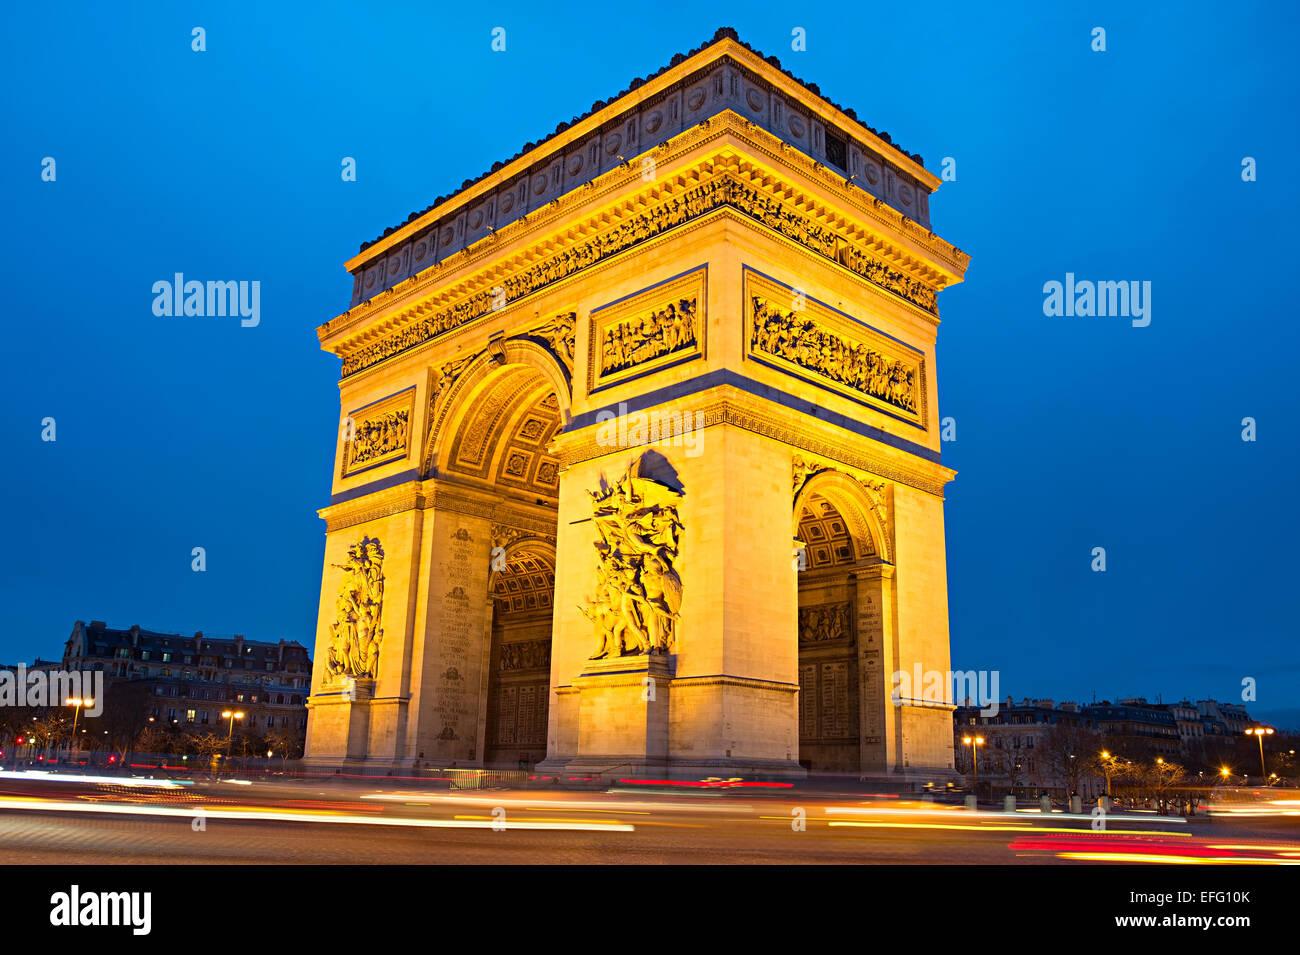 The Triumphal Arch (Arc de Triomphe) on Place Charles de Gaulle in Paris, France. Stock Photo